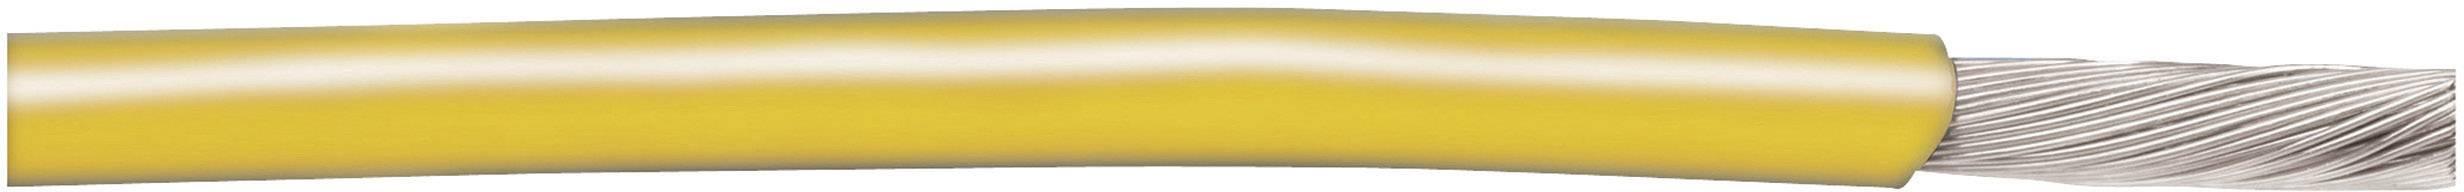 Opletenie / lanko AlphaWire 3053 GR005 1 x 0.50 mm², vonkajší Ø 1.75 mm, 30.5 m, zelená